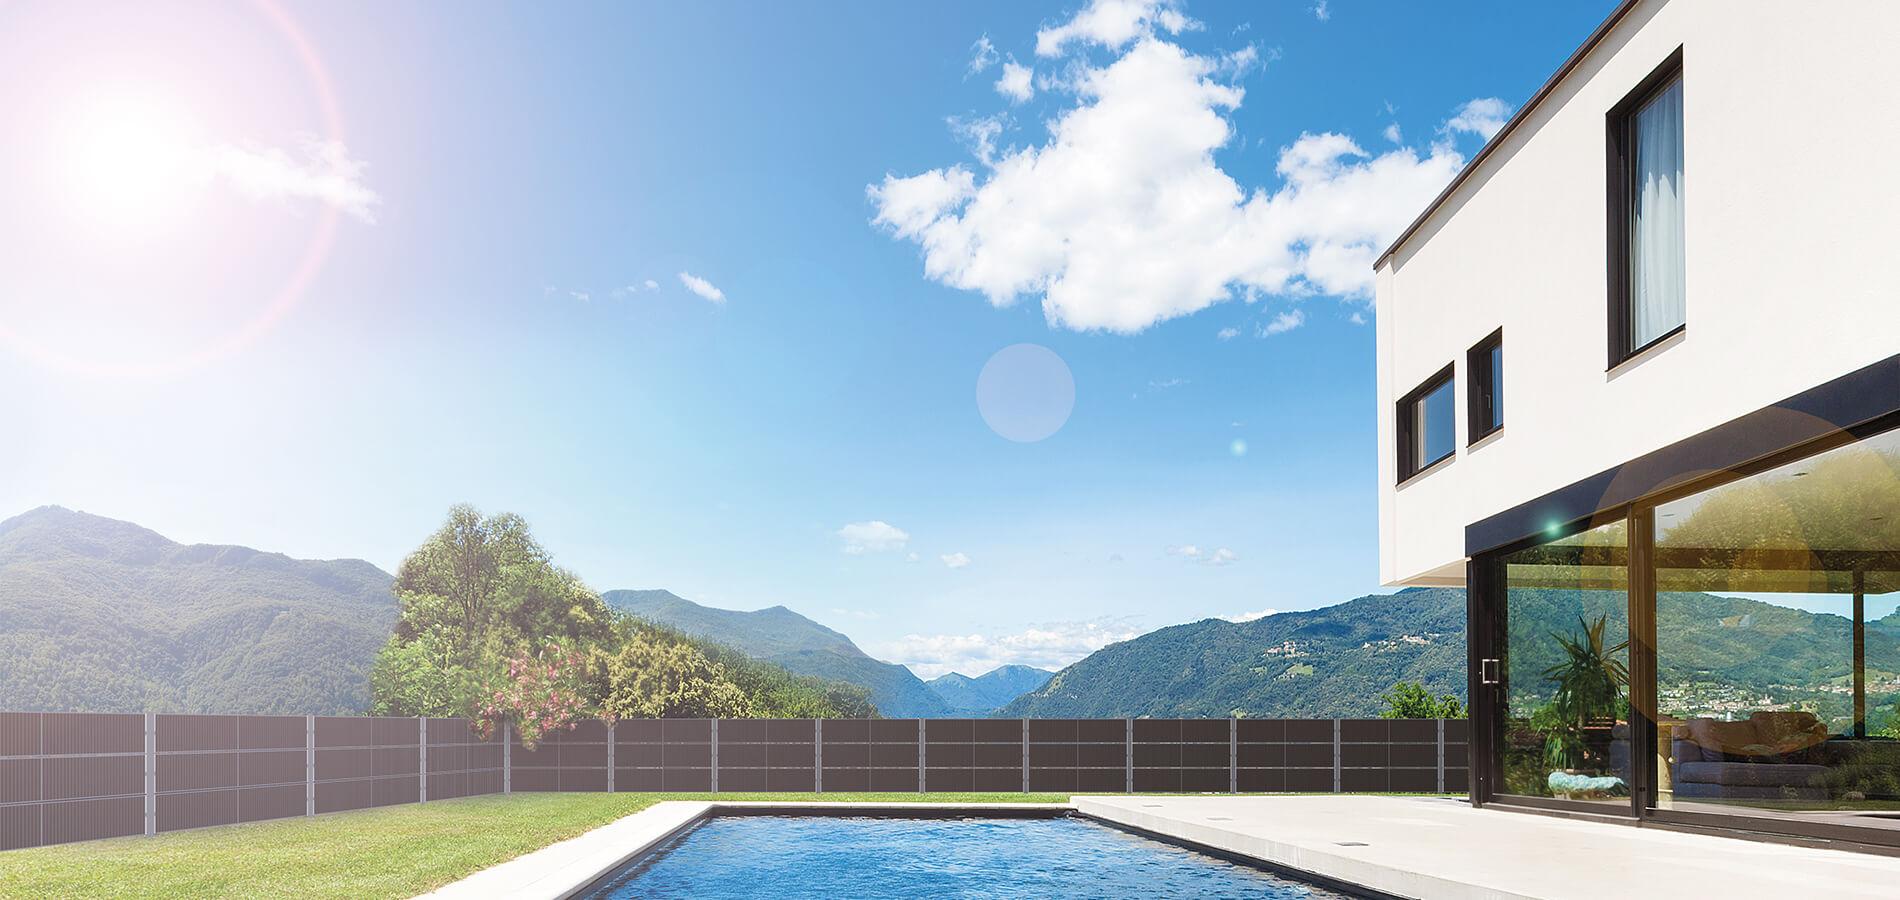 Installierter SolarZaun als Sichtschutz für Garten mit Pool Solar Zaun